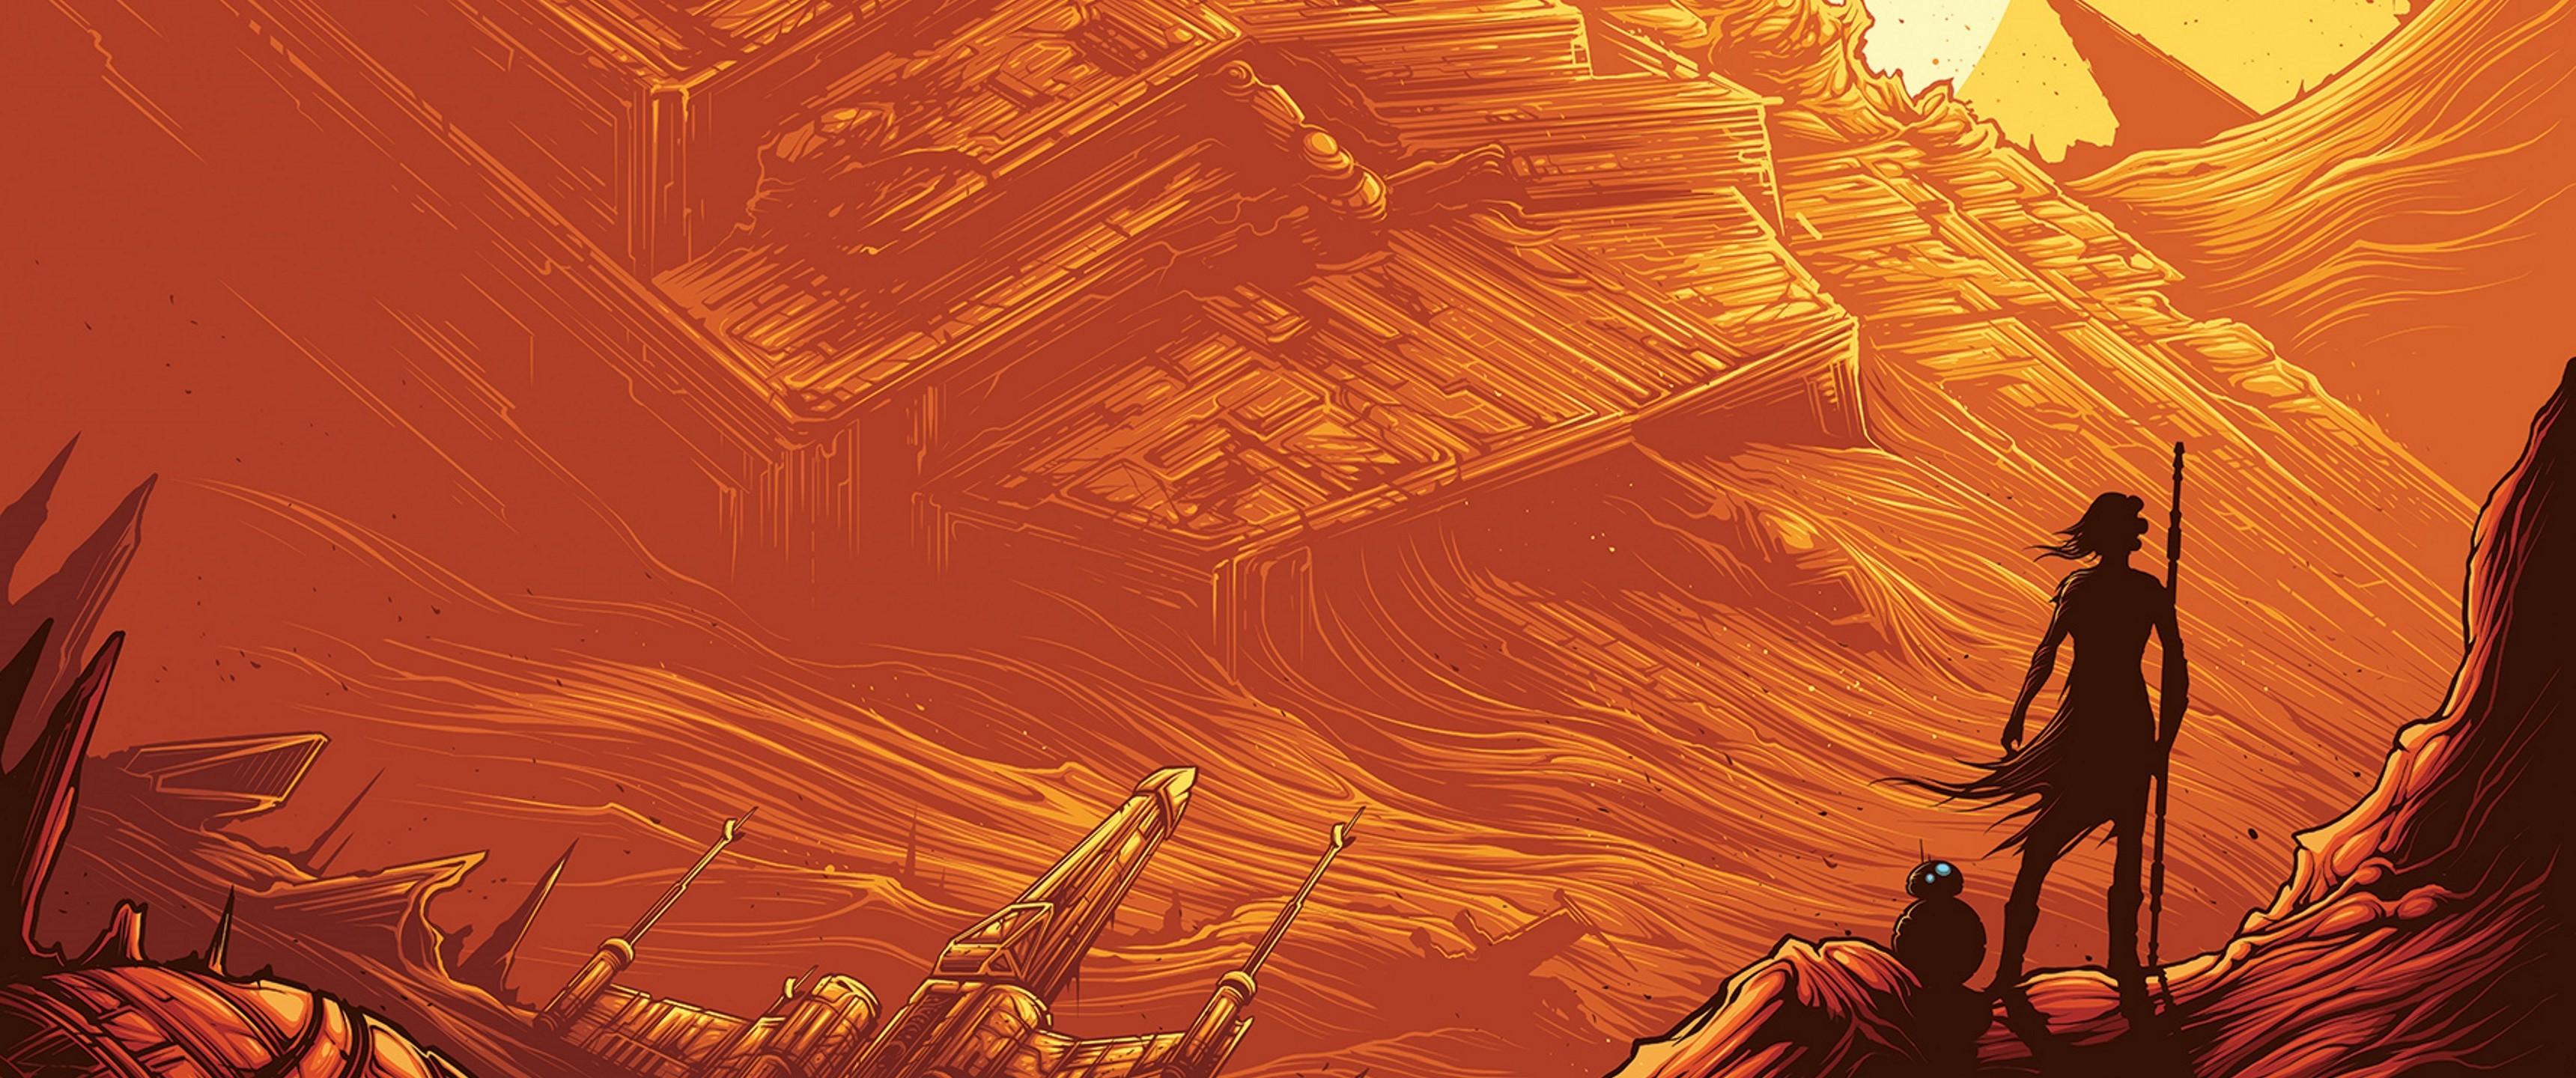 デスクトップ壁紙 図 スターウォーズ 神話 スクリーンショット 3440x1440 Px コンピュータの壁紙 地質学的現象 3440x1440 Wallpaperup デスクトップ壁紙 Wallhere